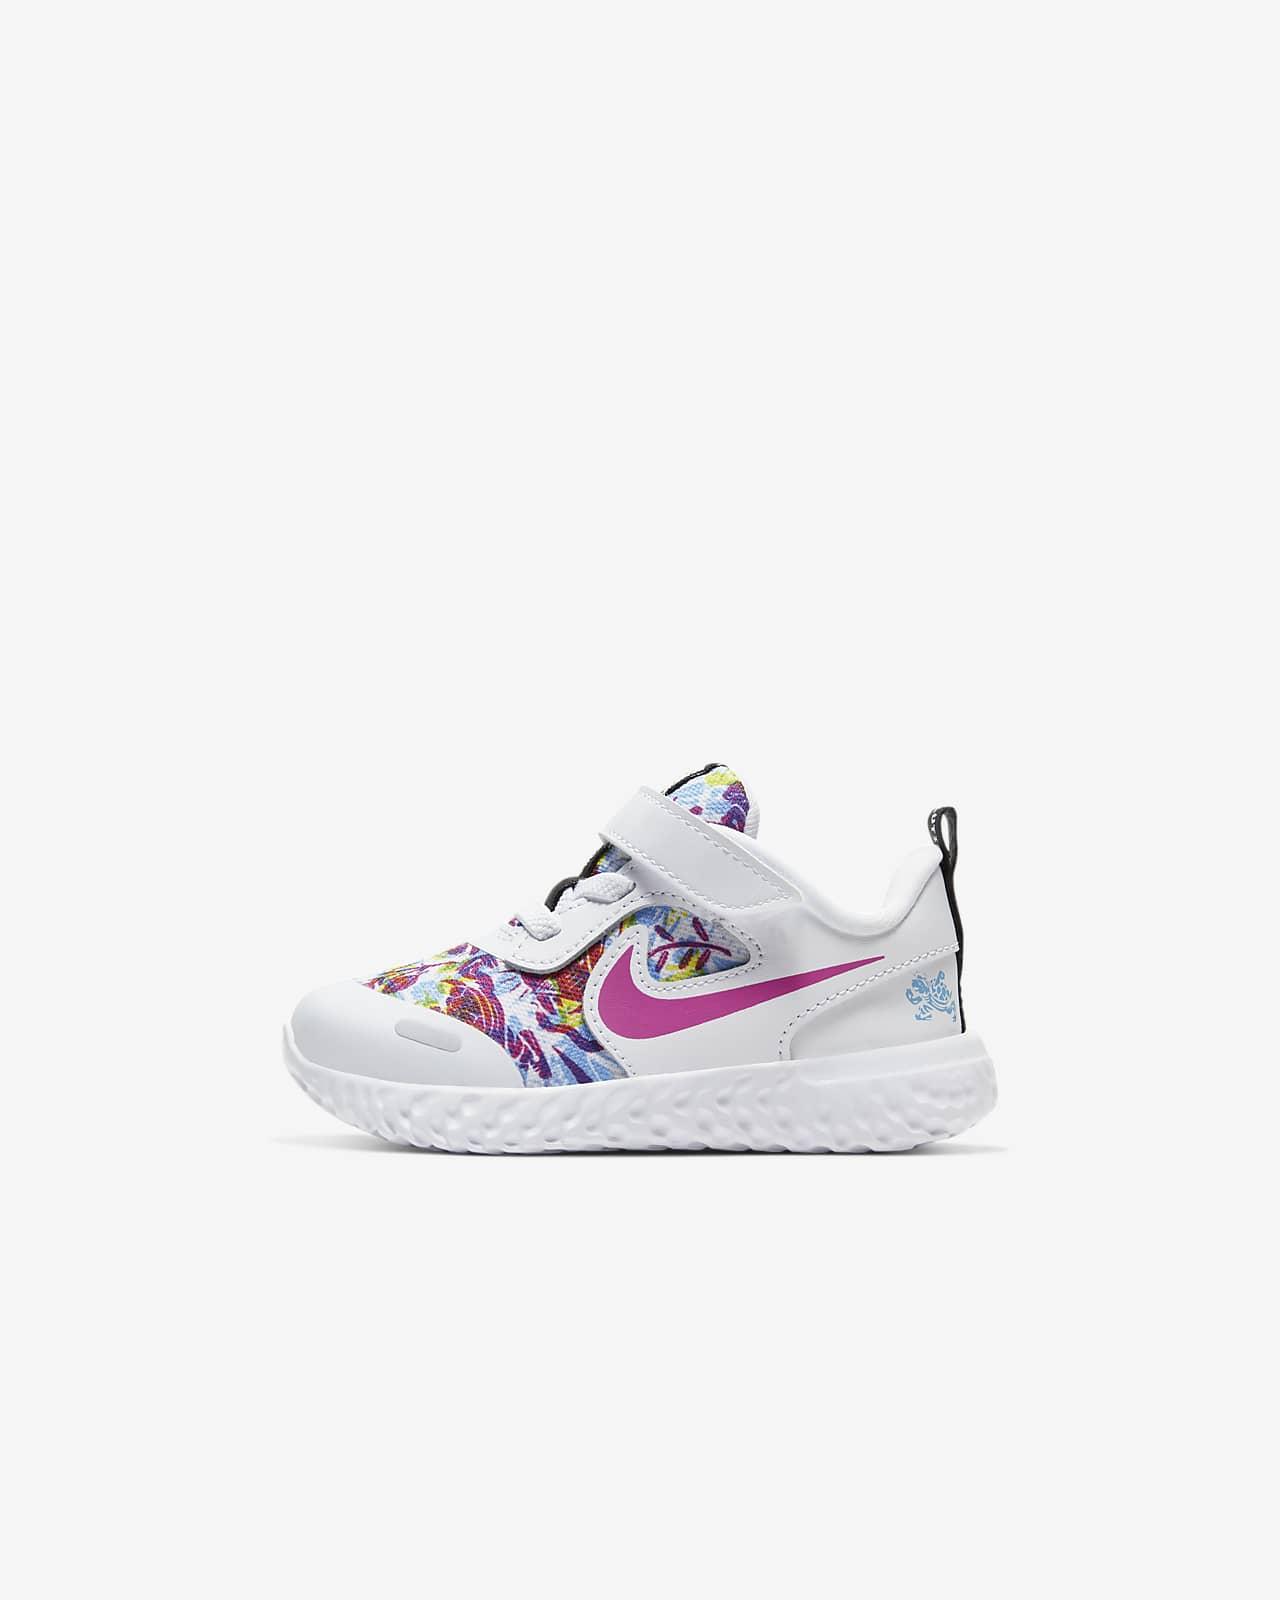 Nike Revolution 5 Fable Sabatilles - Nadó i infant